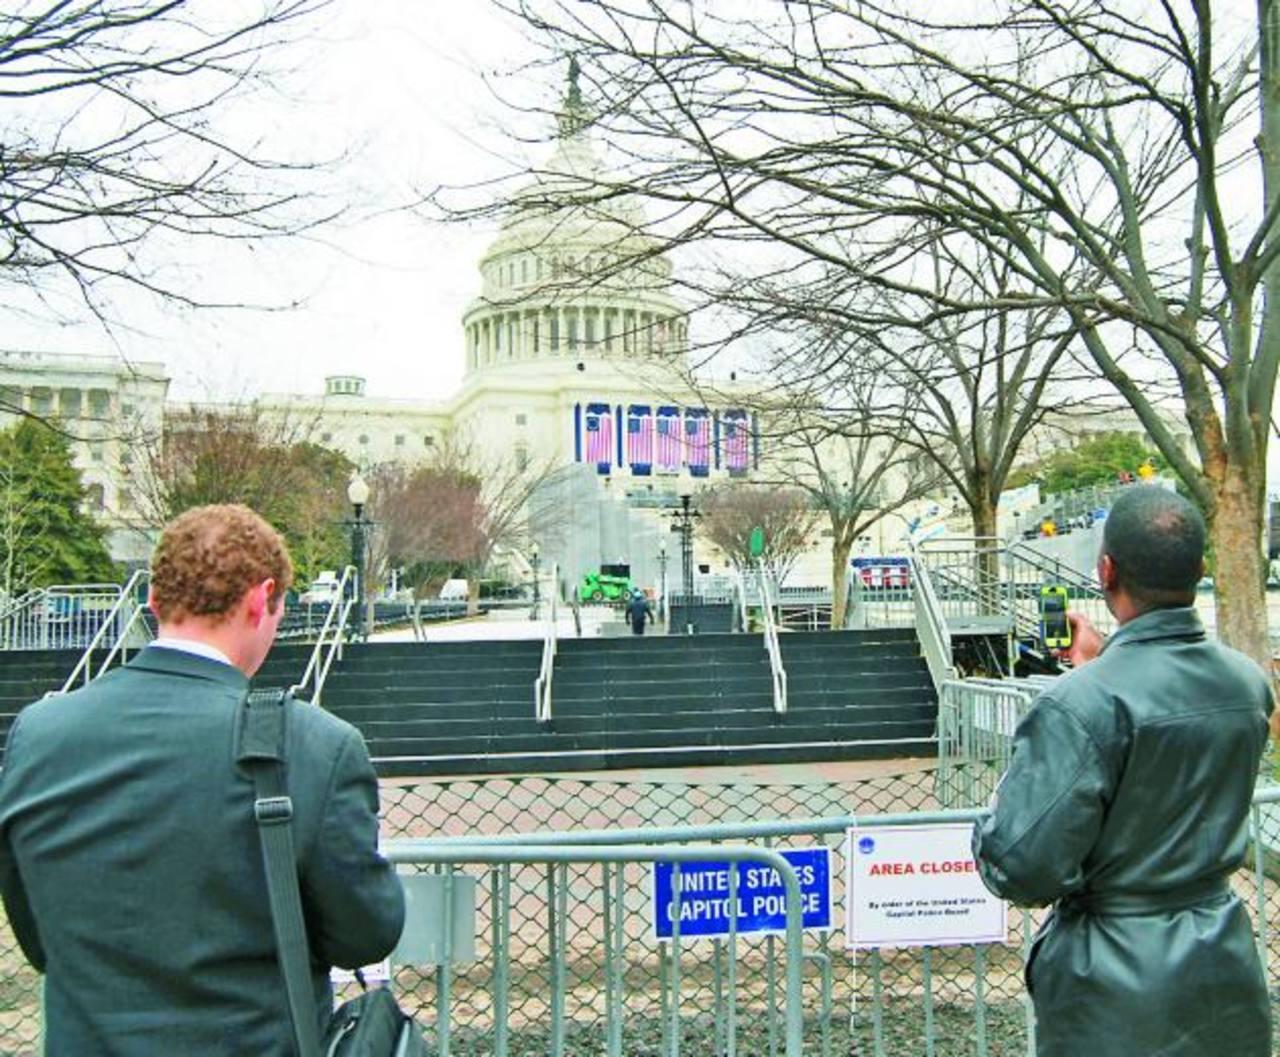 Los jardines del Capitolio ya están restringidos por un contingente de seguridad y bloqueo con defensas a los ingresos al sector poniente. foto edh / tomás guevara